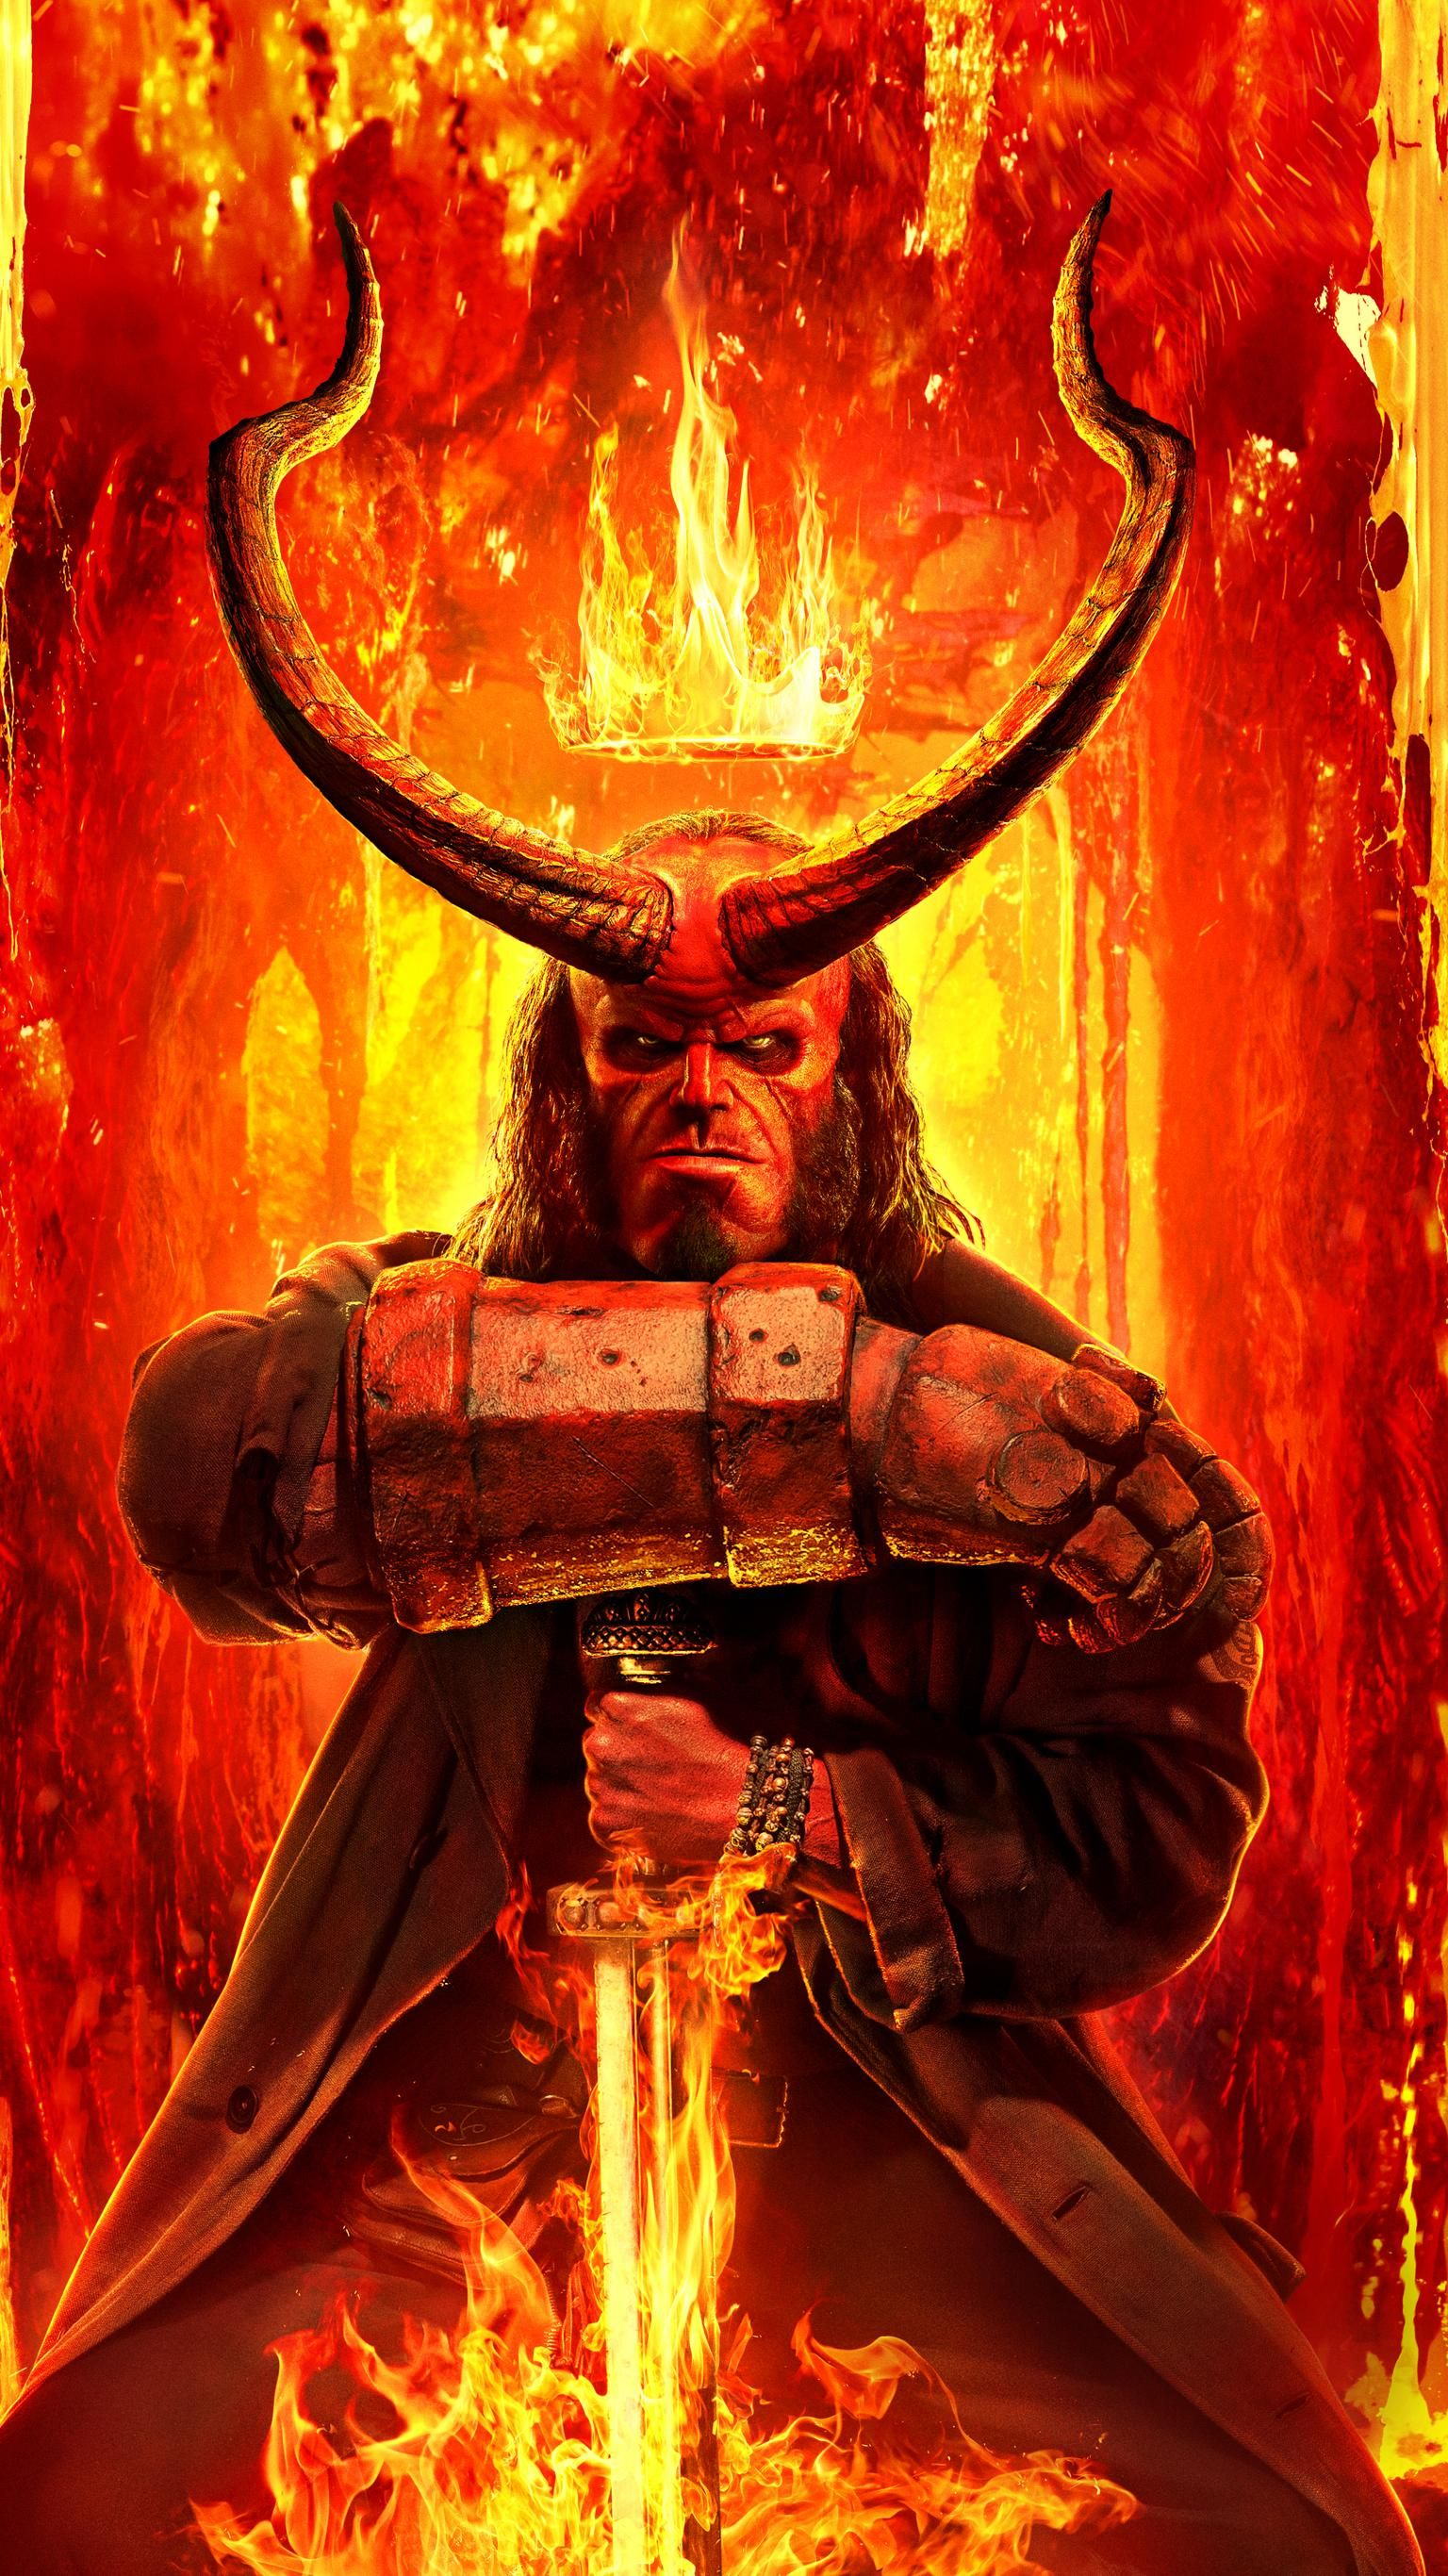 Hellboy 2019 Phone Wallpaper Moviemania Hellboy Wallpaper Hellboy Movie Hellboy Art